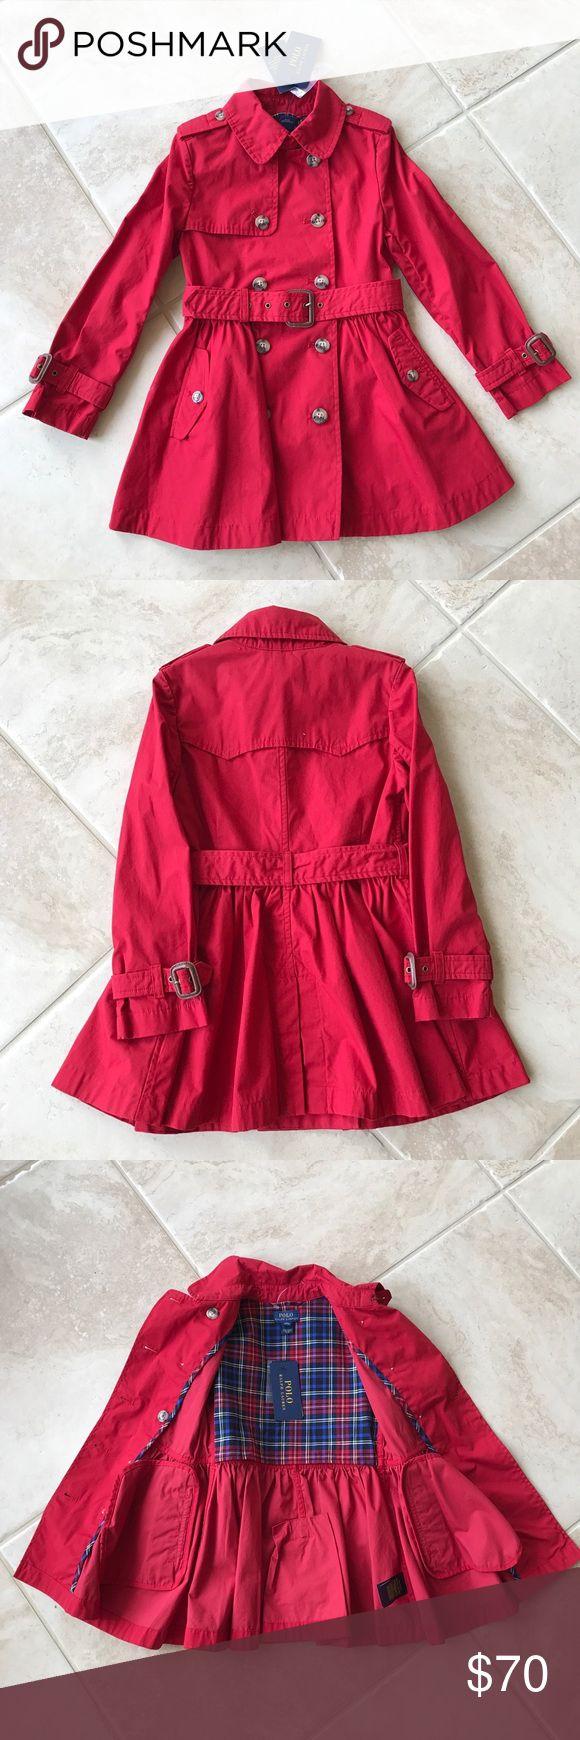 Polo Ralph Lauren girls Trench Coat Ralph Lauren polo Girls lightweight princess trench coat polo ralph lauren Jackets & Coats